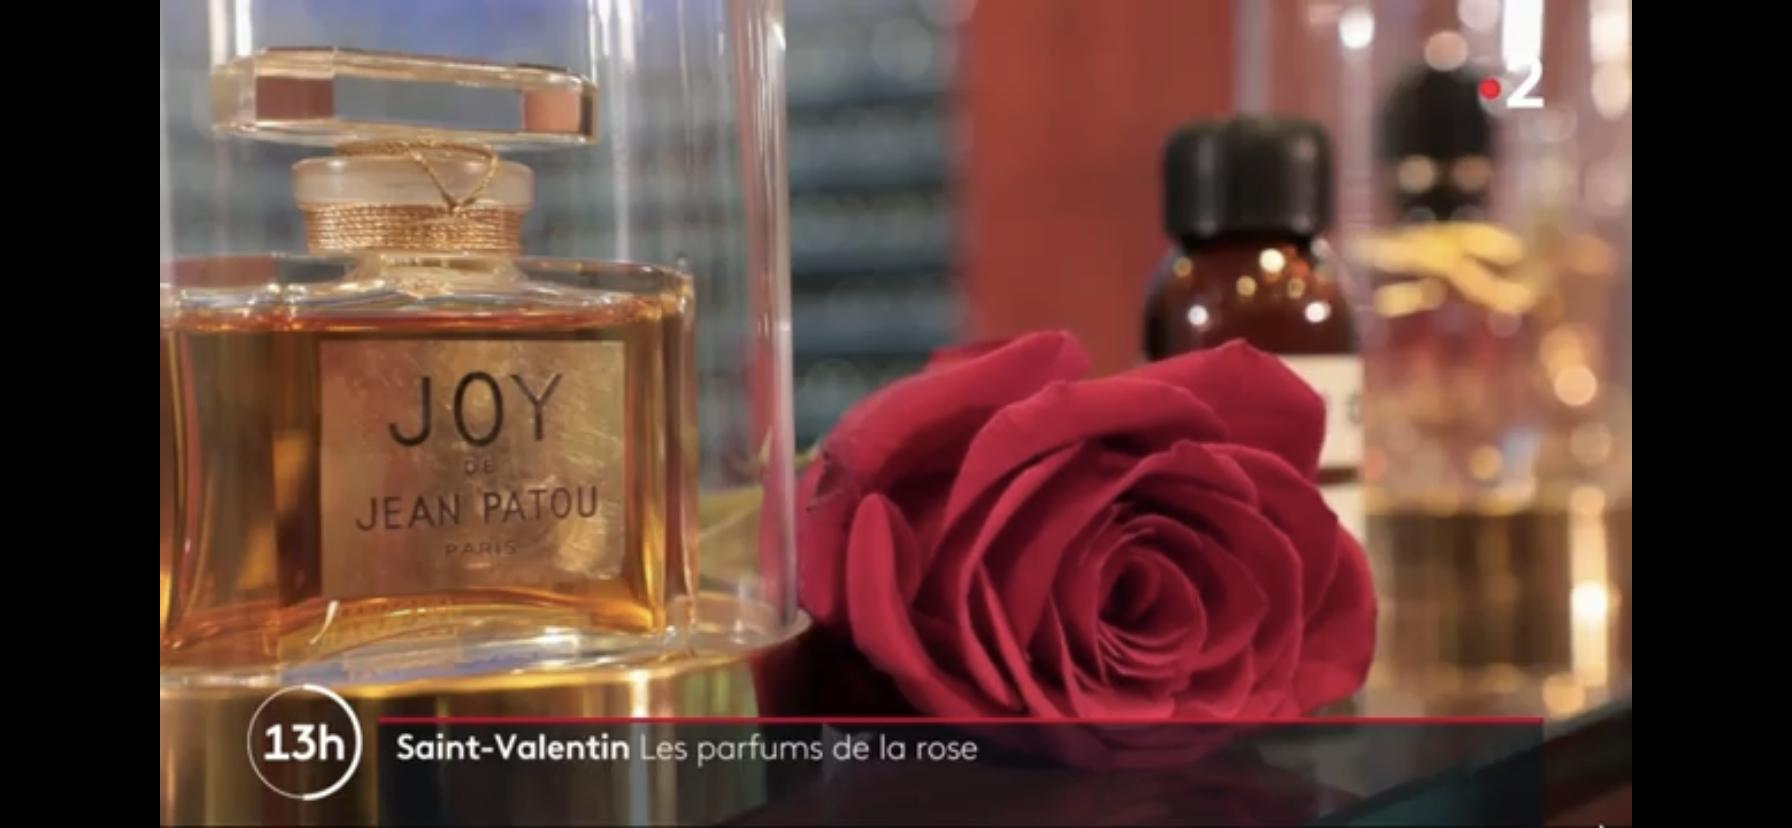 La rose dans les parfums